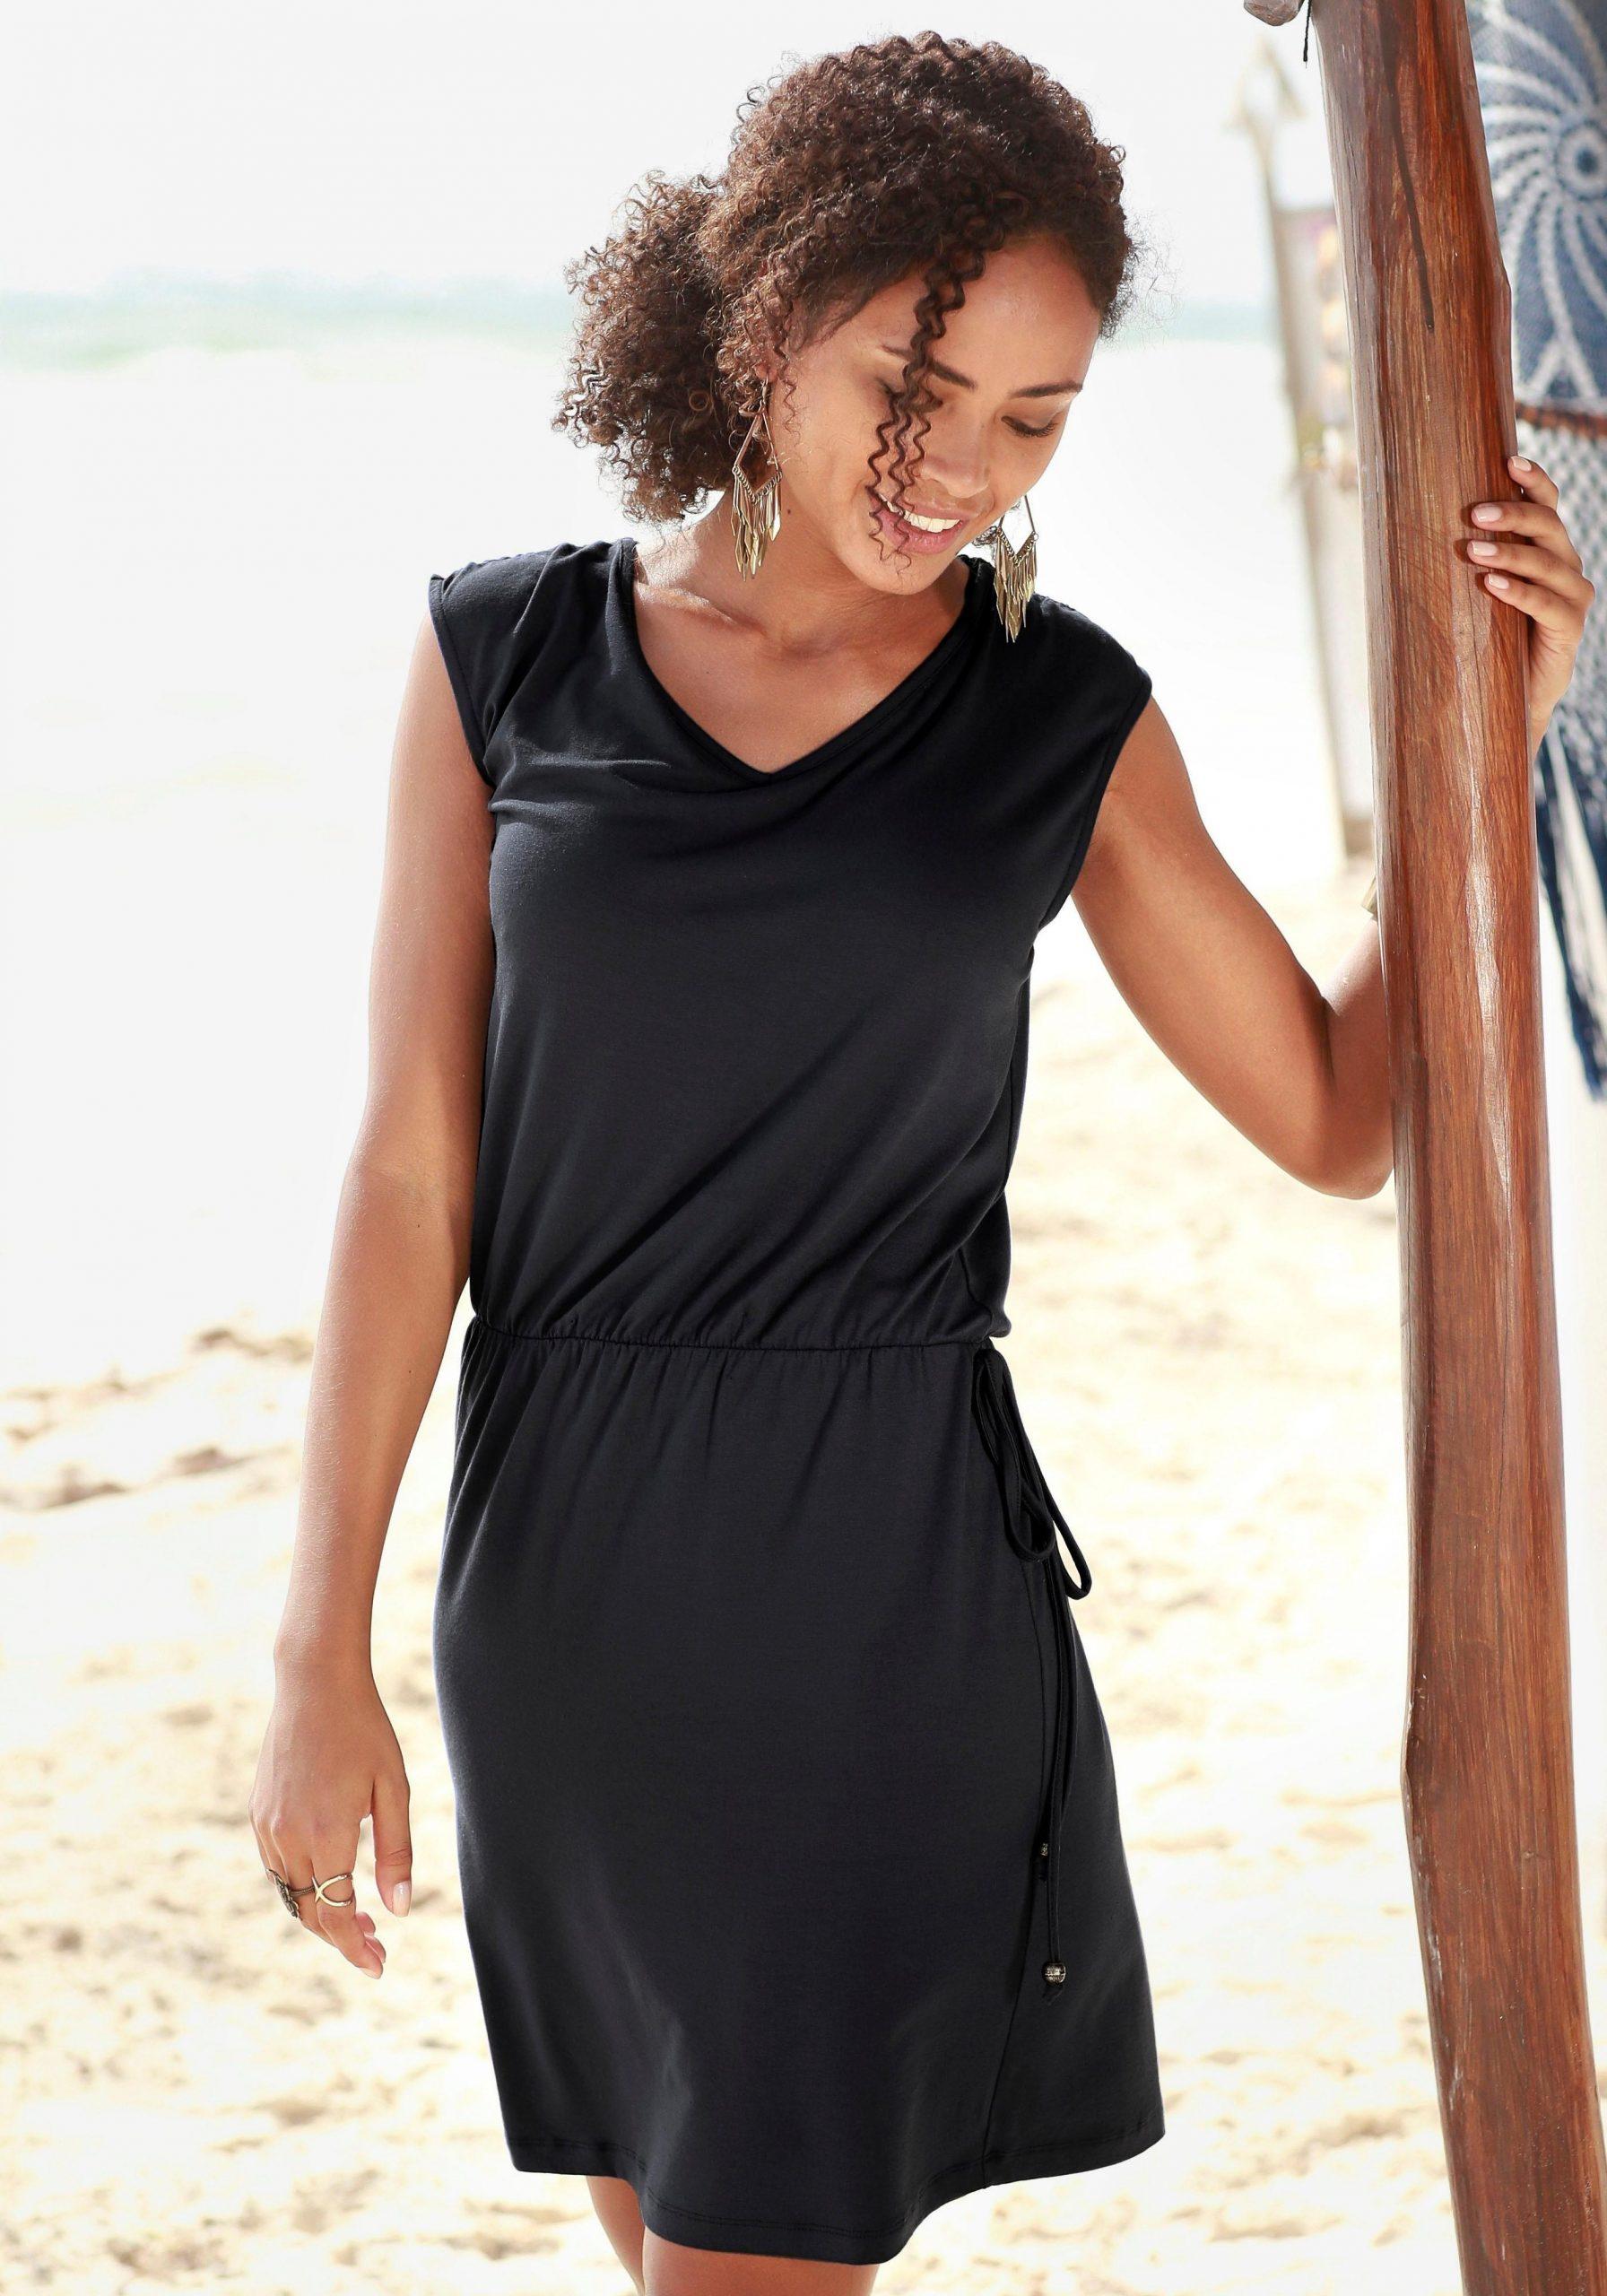 13 Cool Kleider Kaufen Online Boutique13 Top Kleider Kaufen Online Ärmel